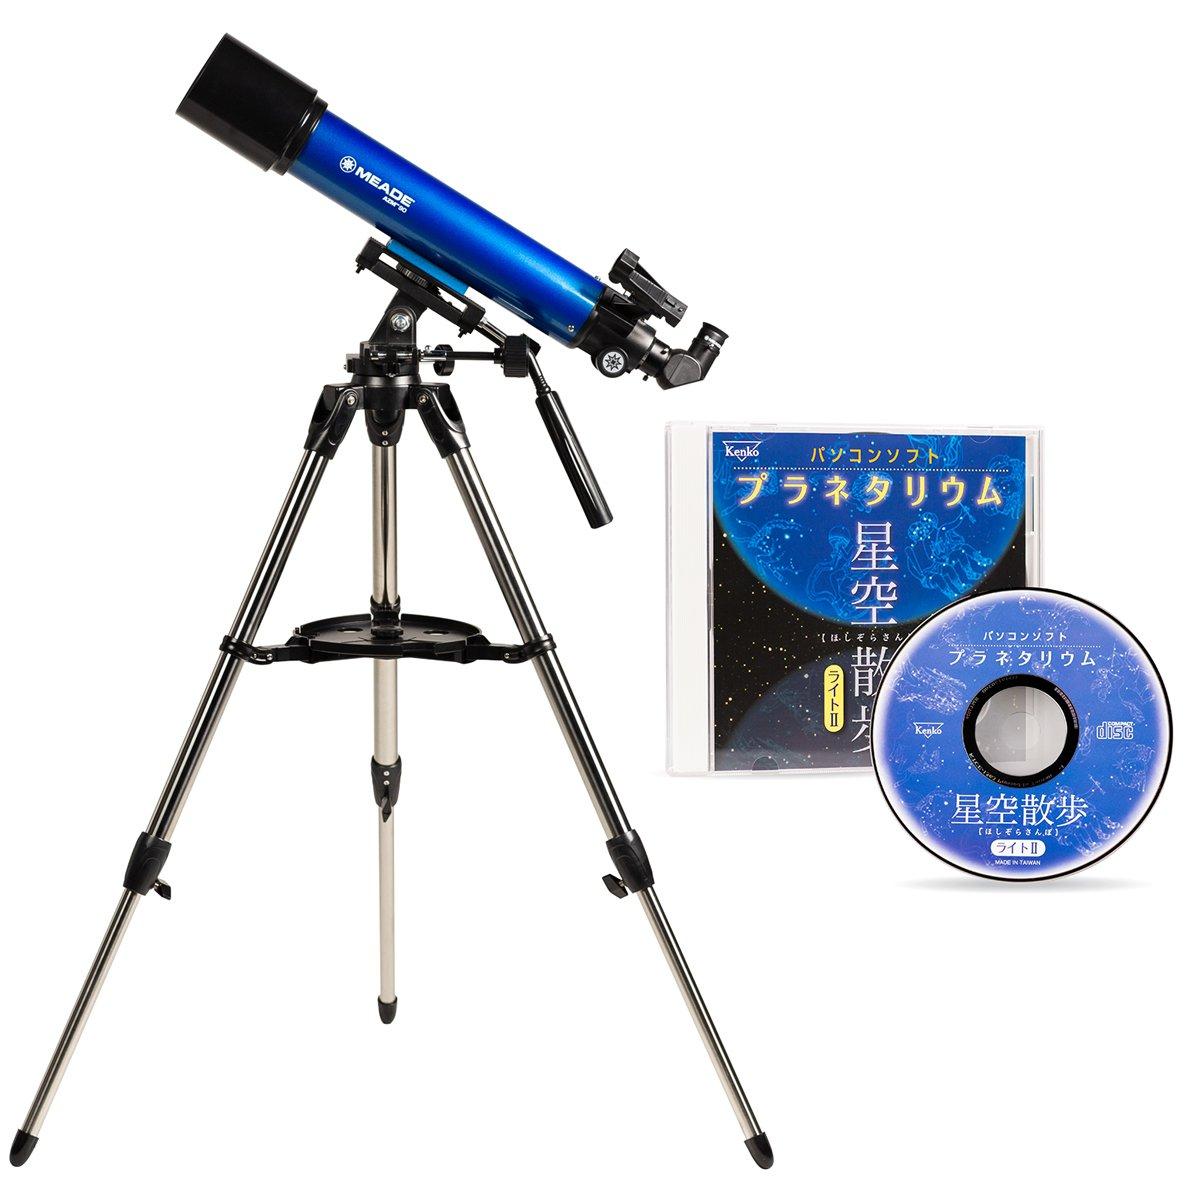 ★大人気商品★ MEADE AZM-90 天体望遠鏡 AZM-90 プラネタリウムソフトセット口径90mm 焦点距離600mm B071Y2T5BW アクロマート屈折式 経緯台式 003459 AZM-90(屈折式) MEADE B071Y2T5BW, クリアプロ:07233273 --- arianechie.dominiotemporario.com